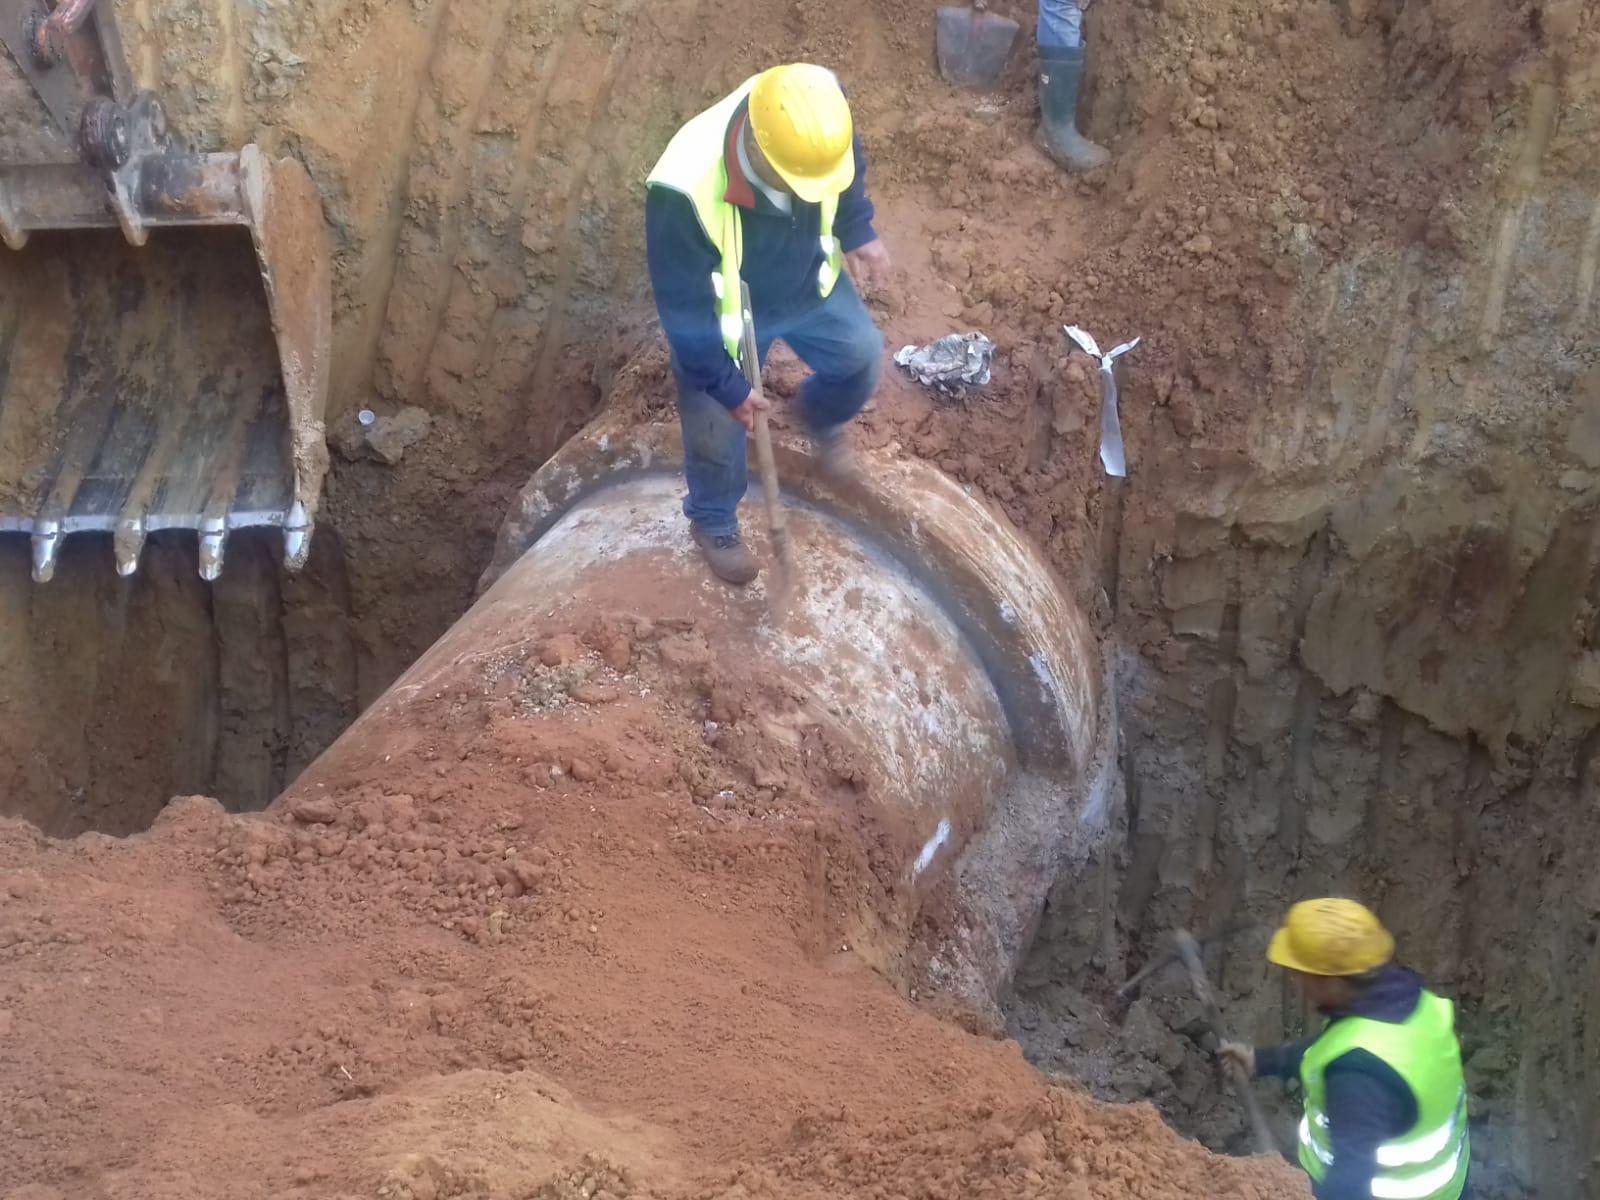 Finita l'emergenza idrica a Palermo, riparata la condotta del Poma